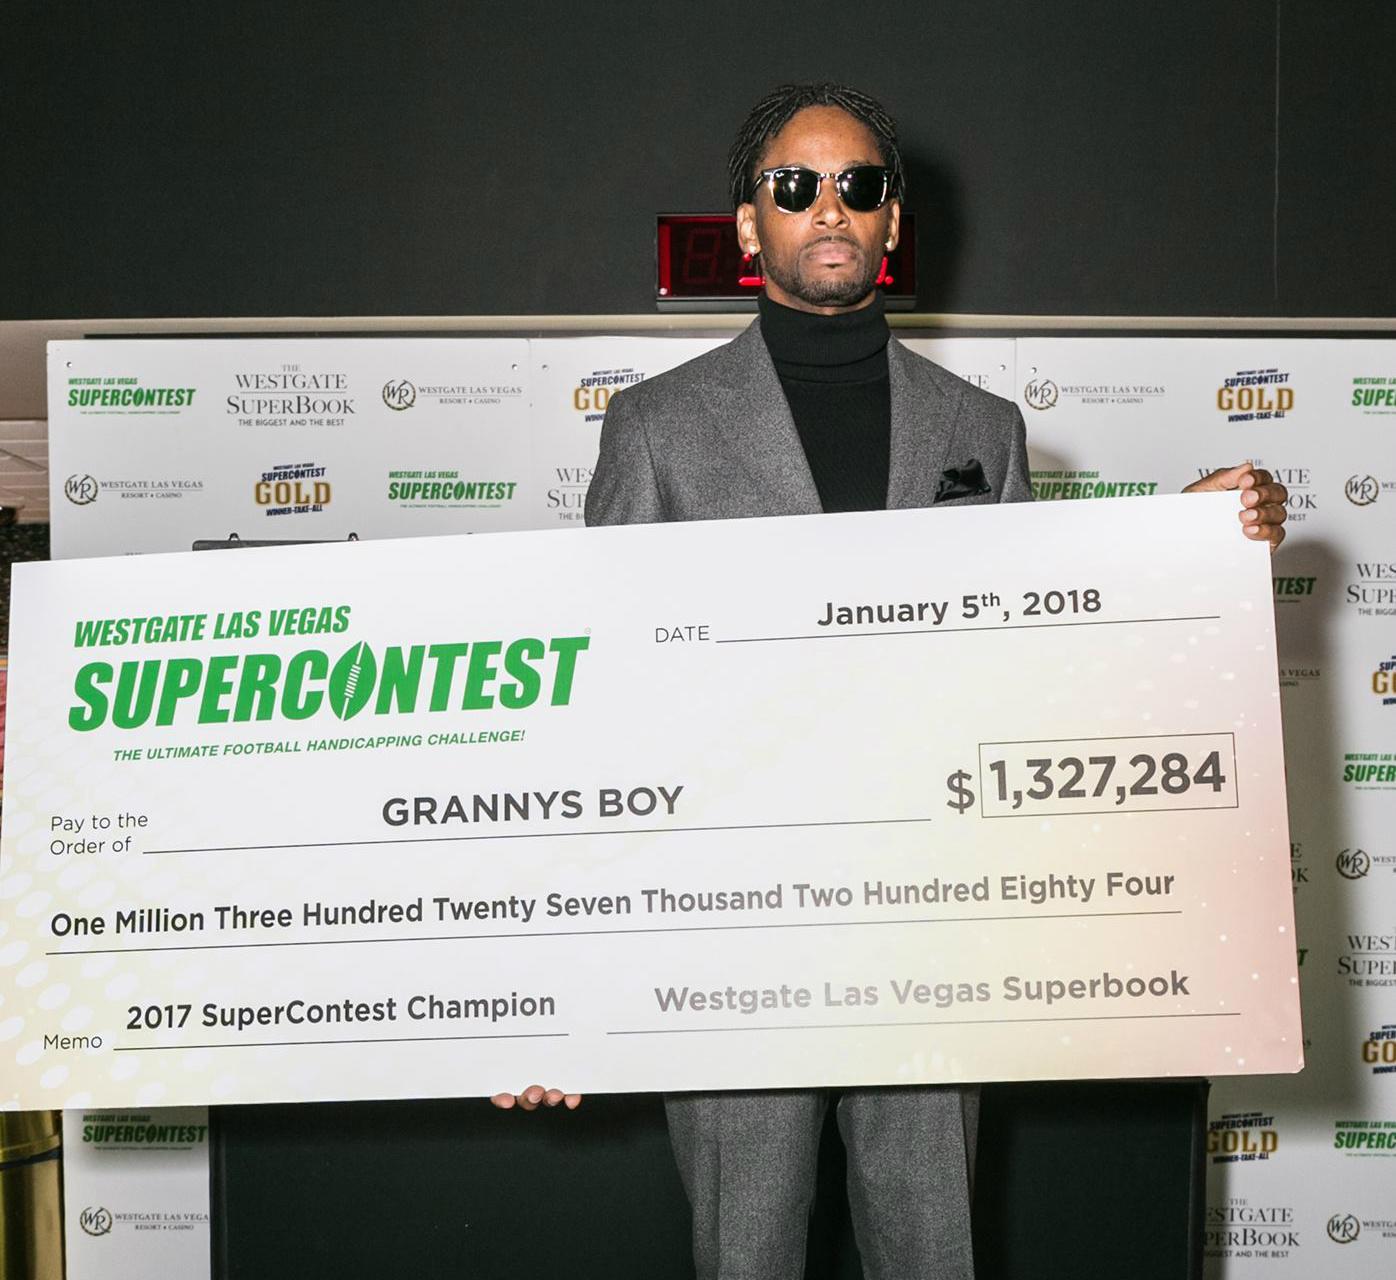 Westgate SuperContest Las Vegas NFL